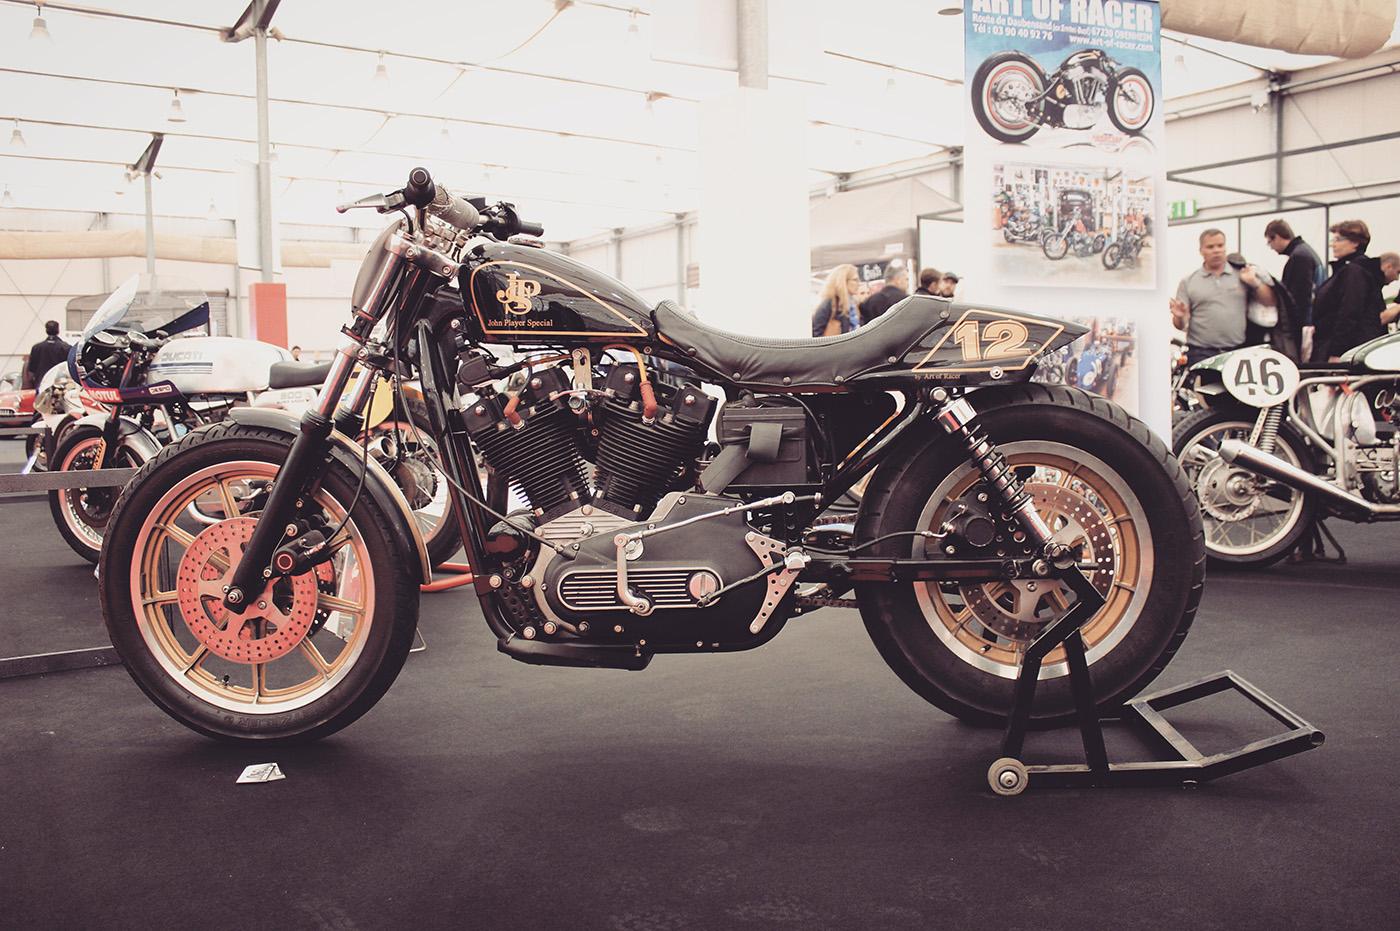 une Harley-Davidson aux couleurs de la marque JPS